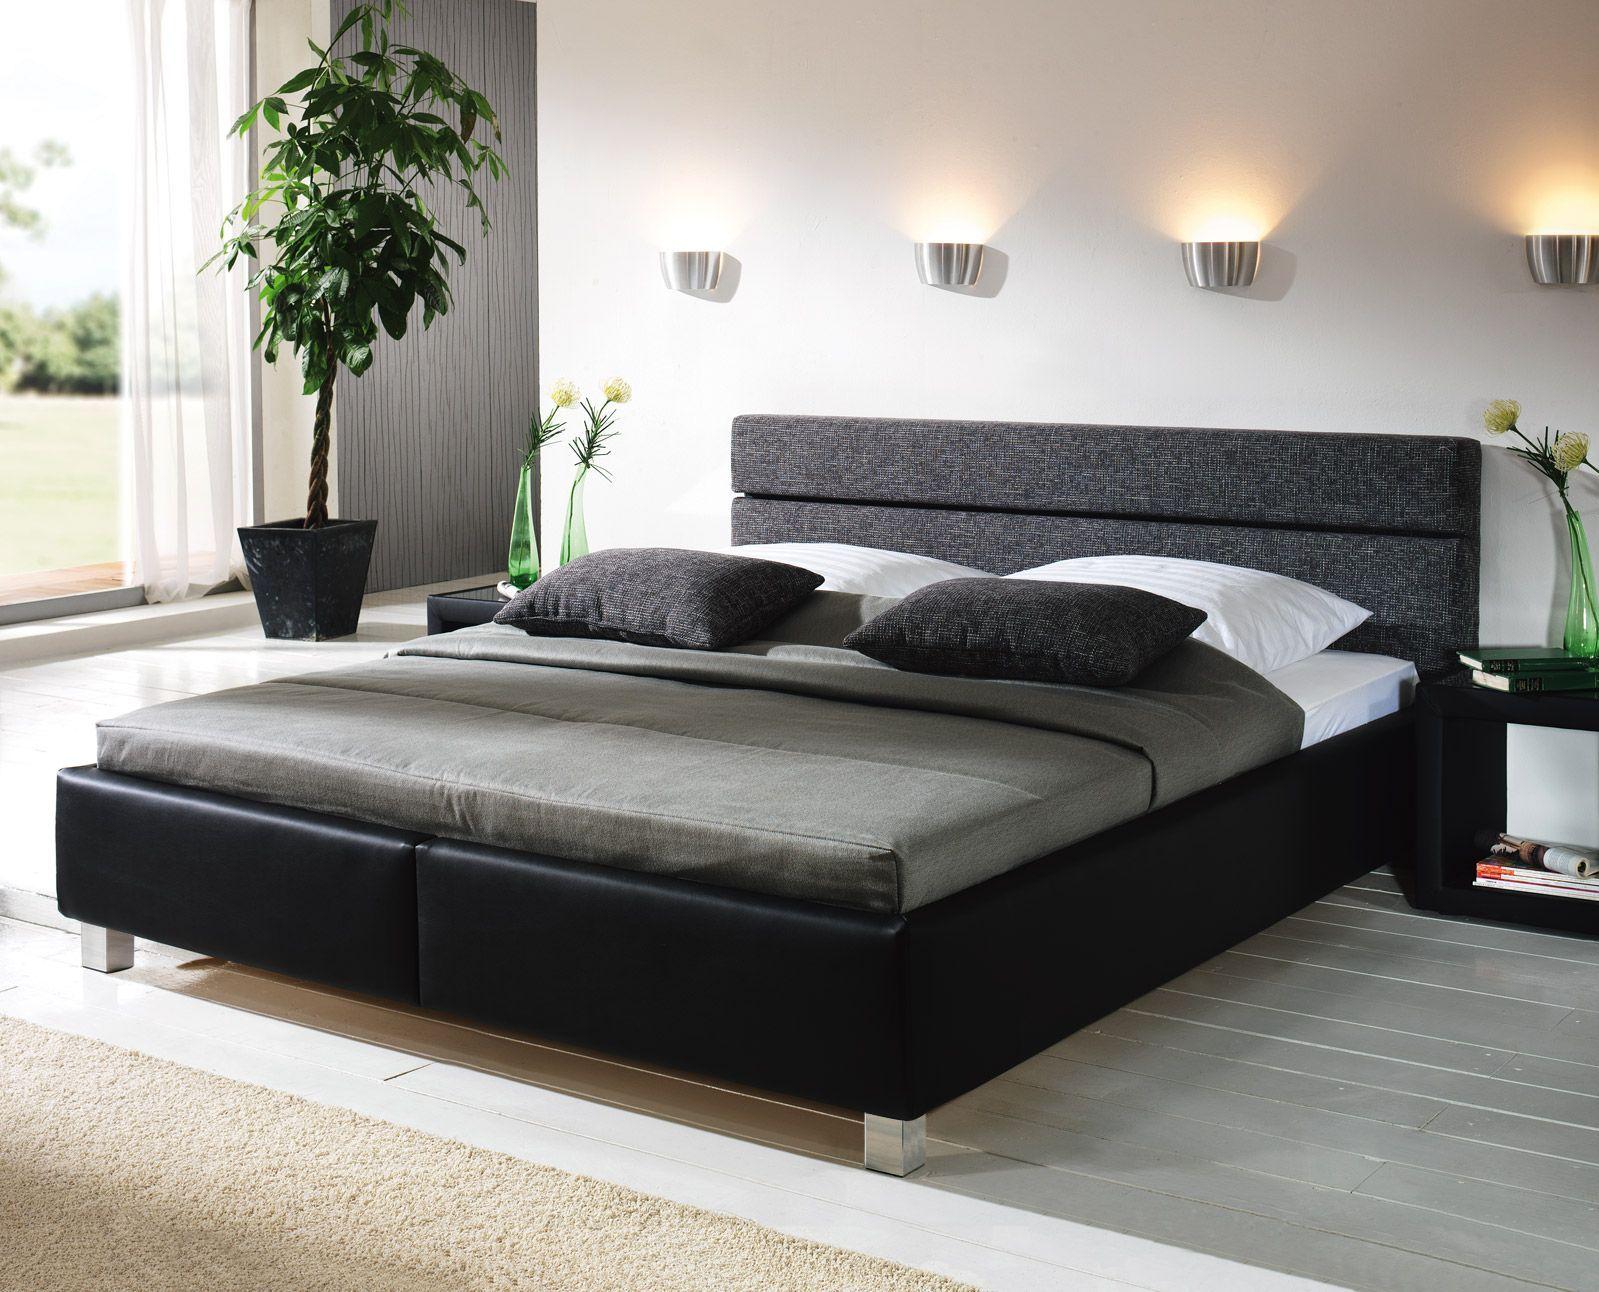 schimmel im schlafzimmer bett bettw sche 155x220 blumen eigene gestalten schlafzimmer riecht. Black Bedroom Furniture Sets. Home Design Ideas